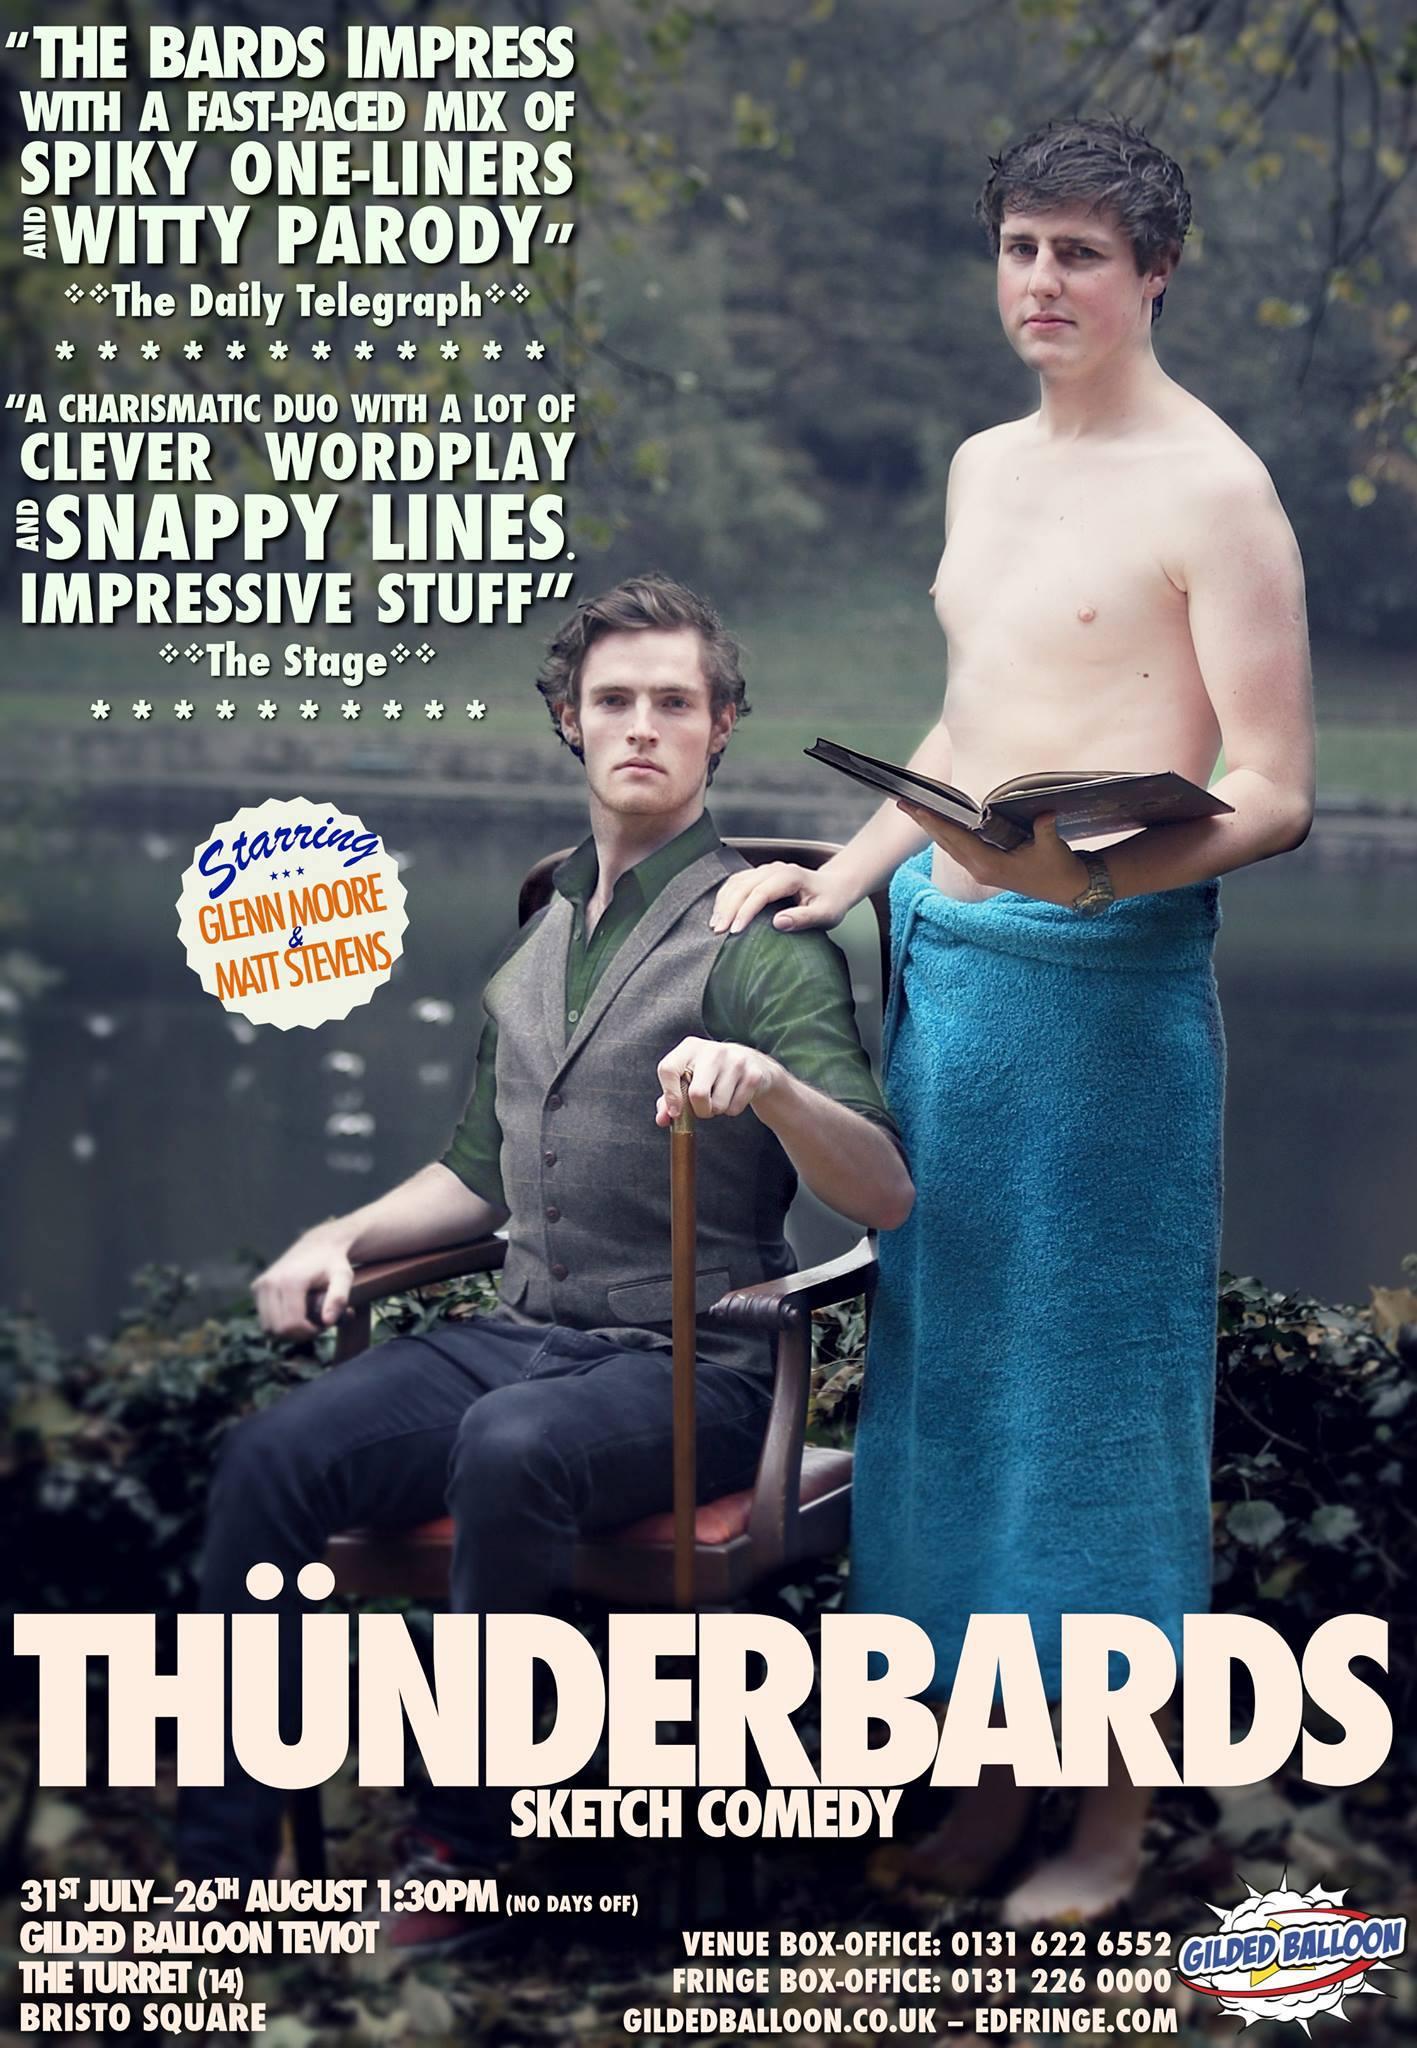 Thunderbards 2013